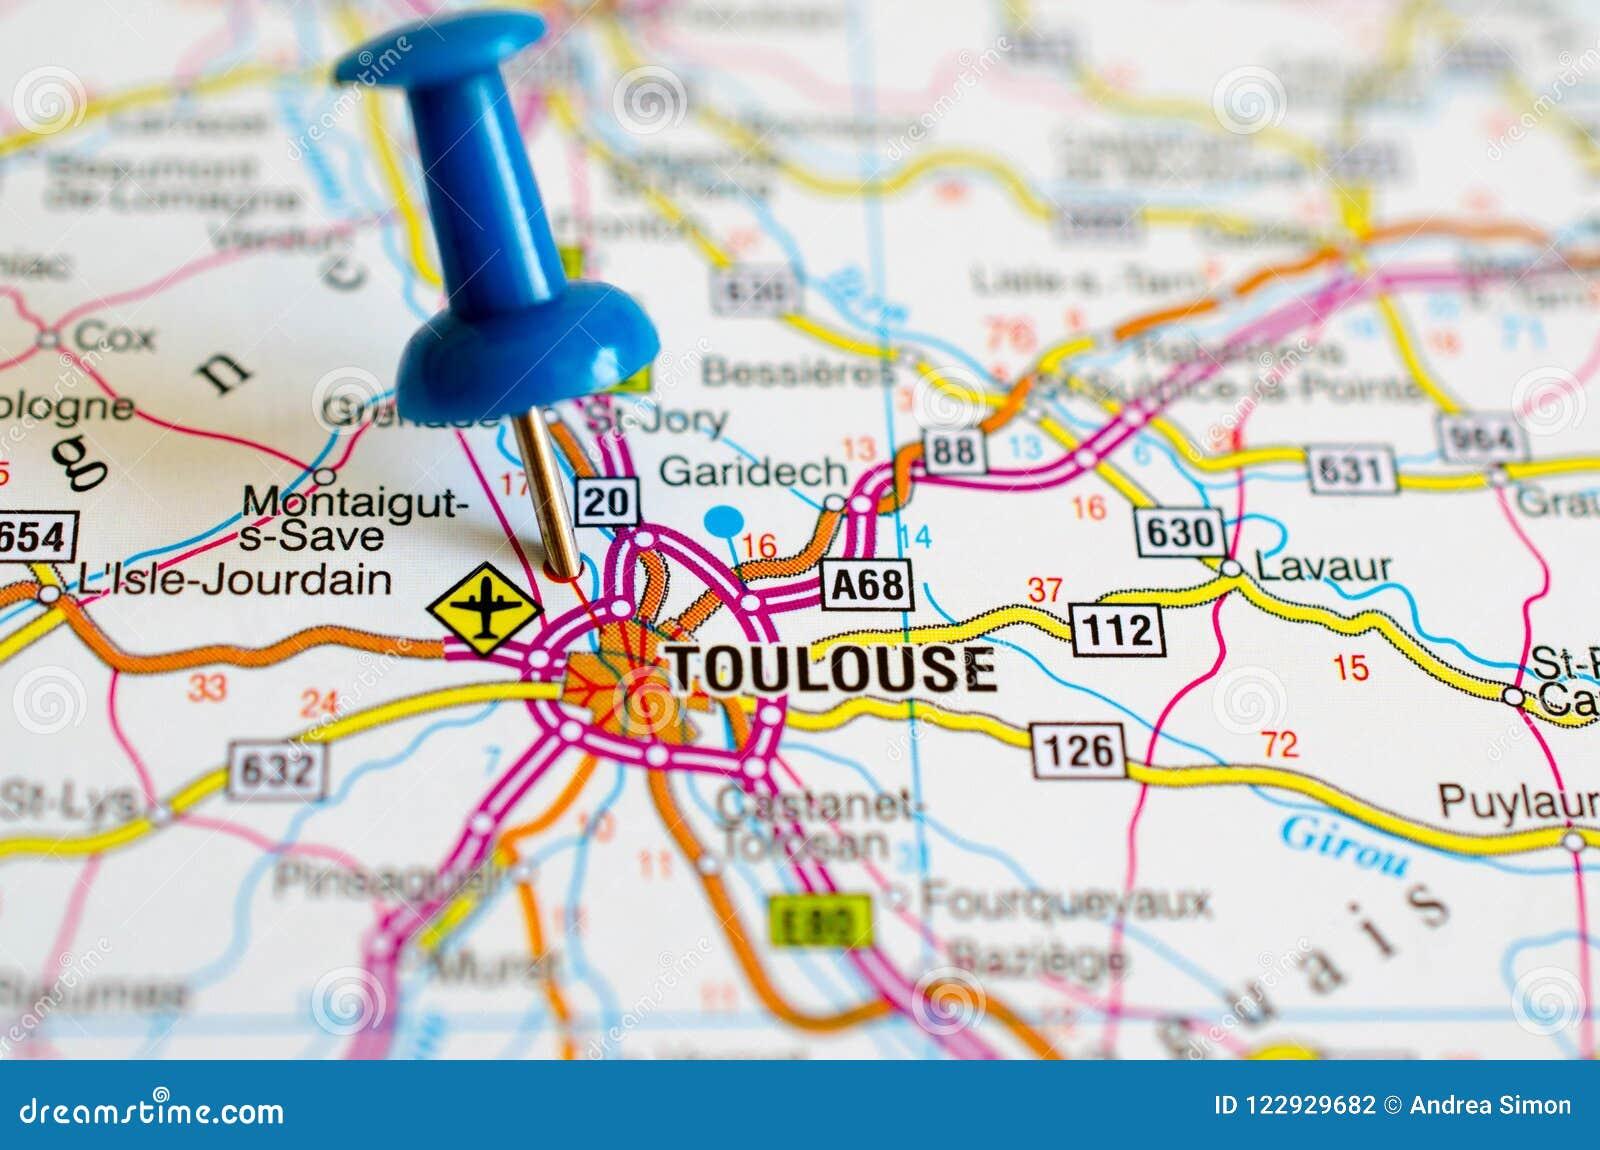 Toulouse Karte.Toulouse Auf Karte Stockfoto Bild Von Stoss Karten 122929682